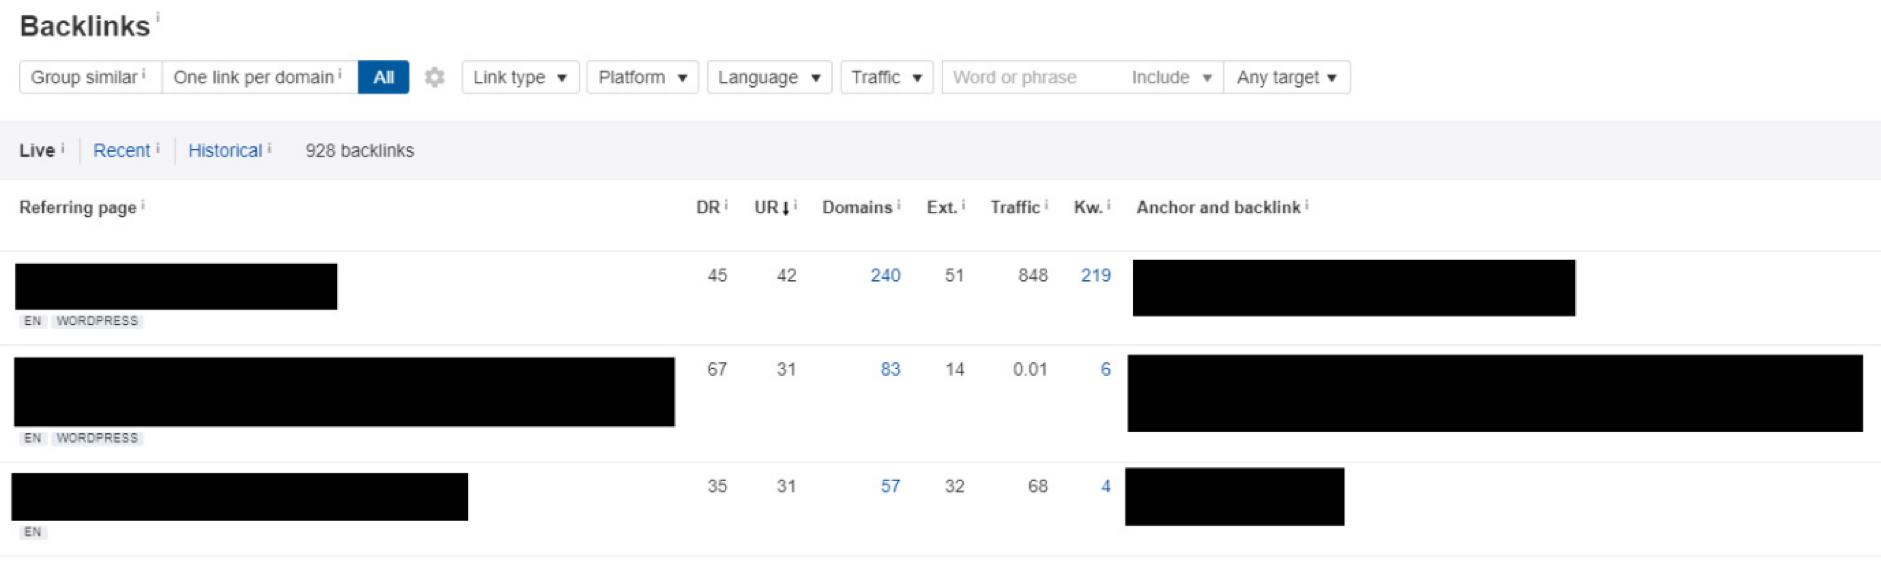 Exemplo de uma tela de controle backlink